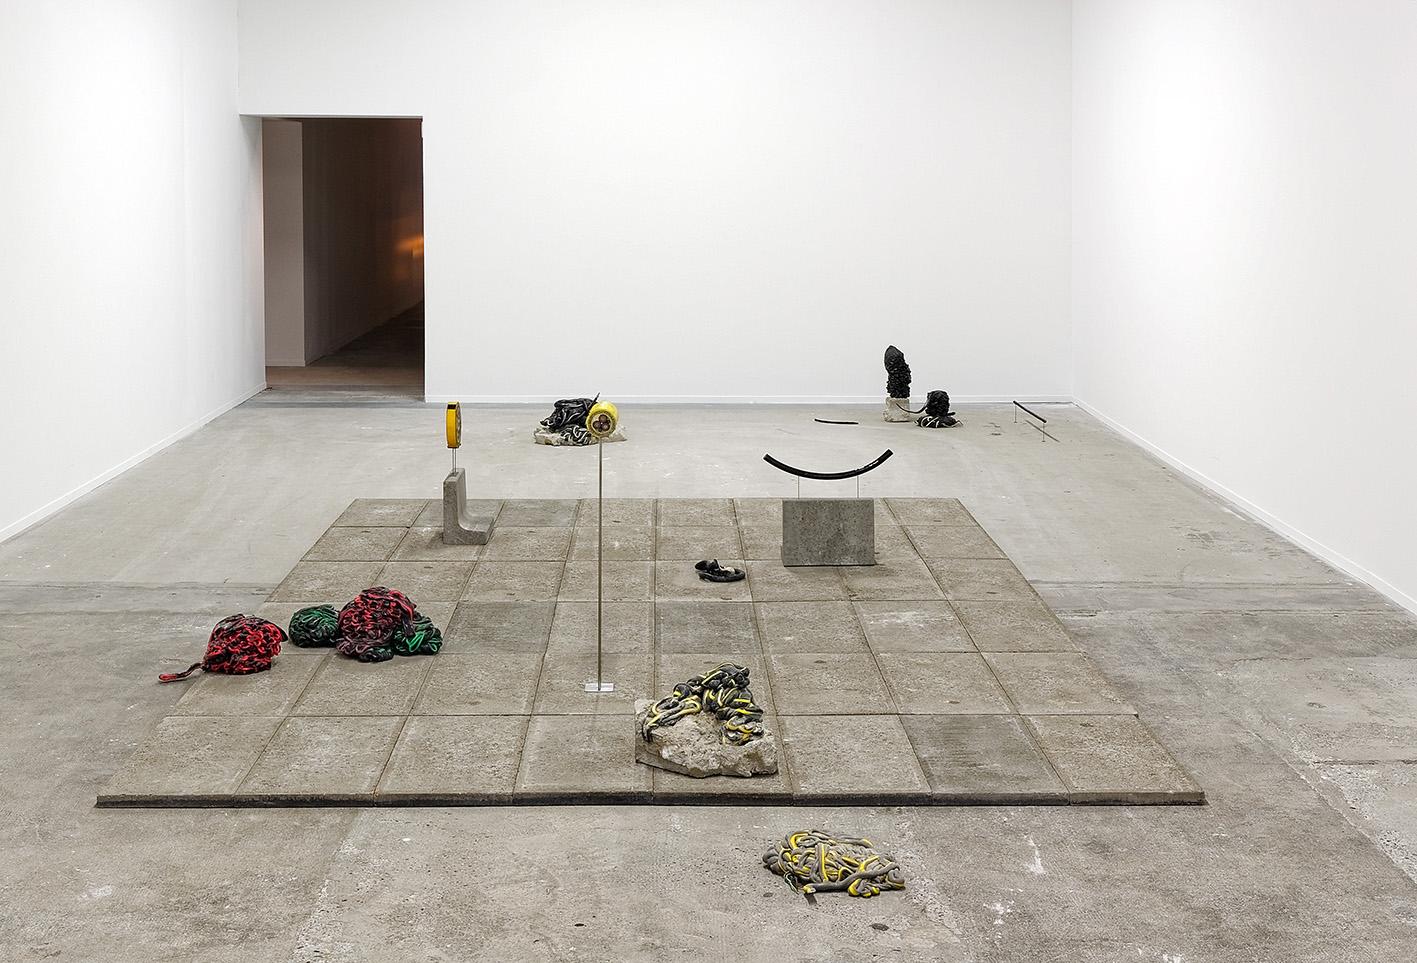 Nina Canell. Courtesy: Galerie Wien Lukatsch (Berlin), Galerie Daniel Marzona (Berlin) Mothers Tankstation (Dublin) e/and La Biennale de Lyon. Photo: © Blaise Adilon.